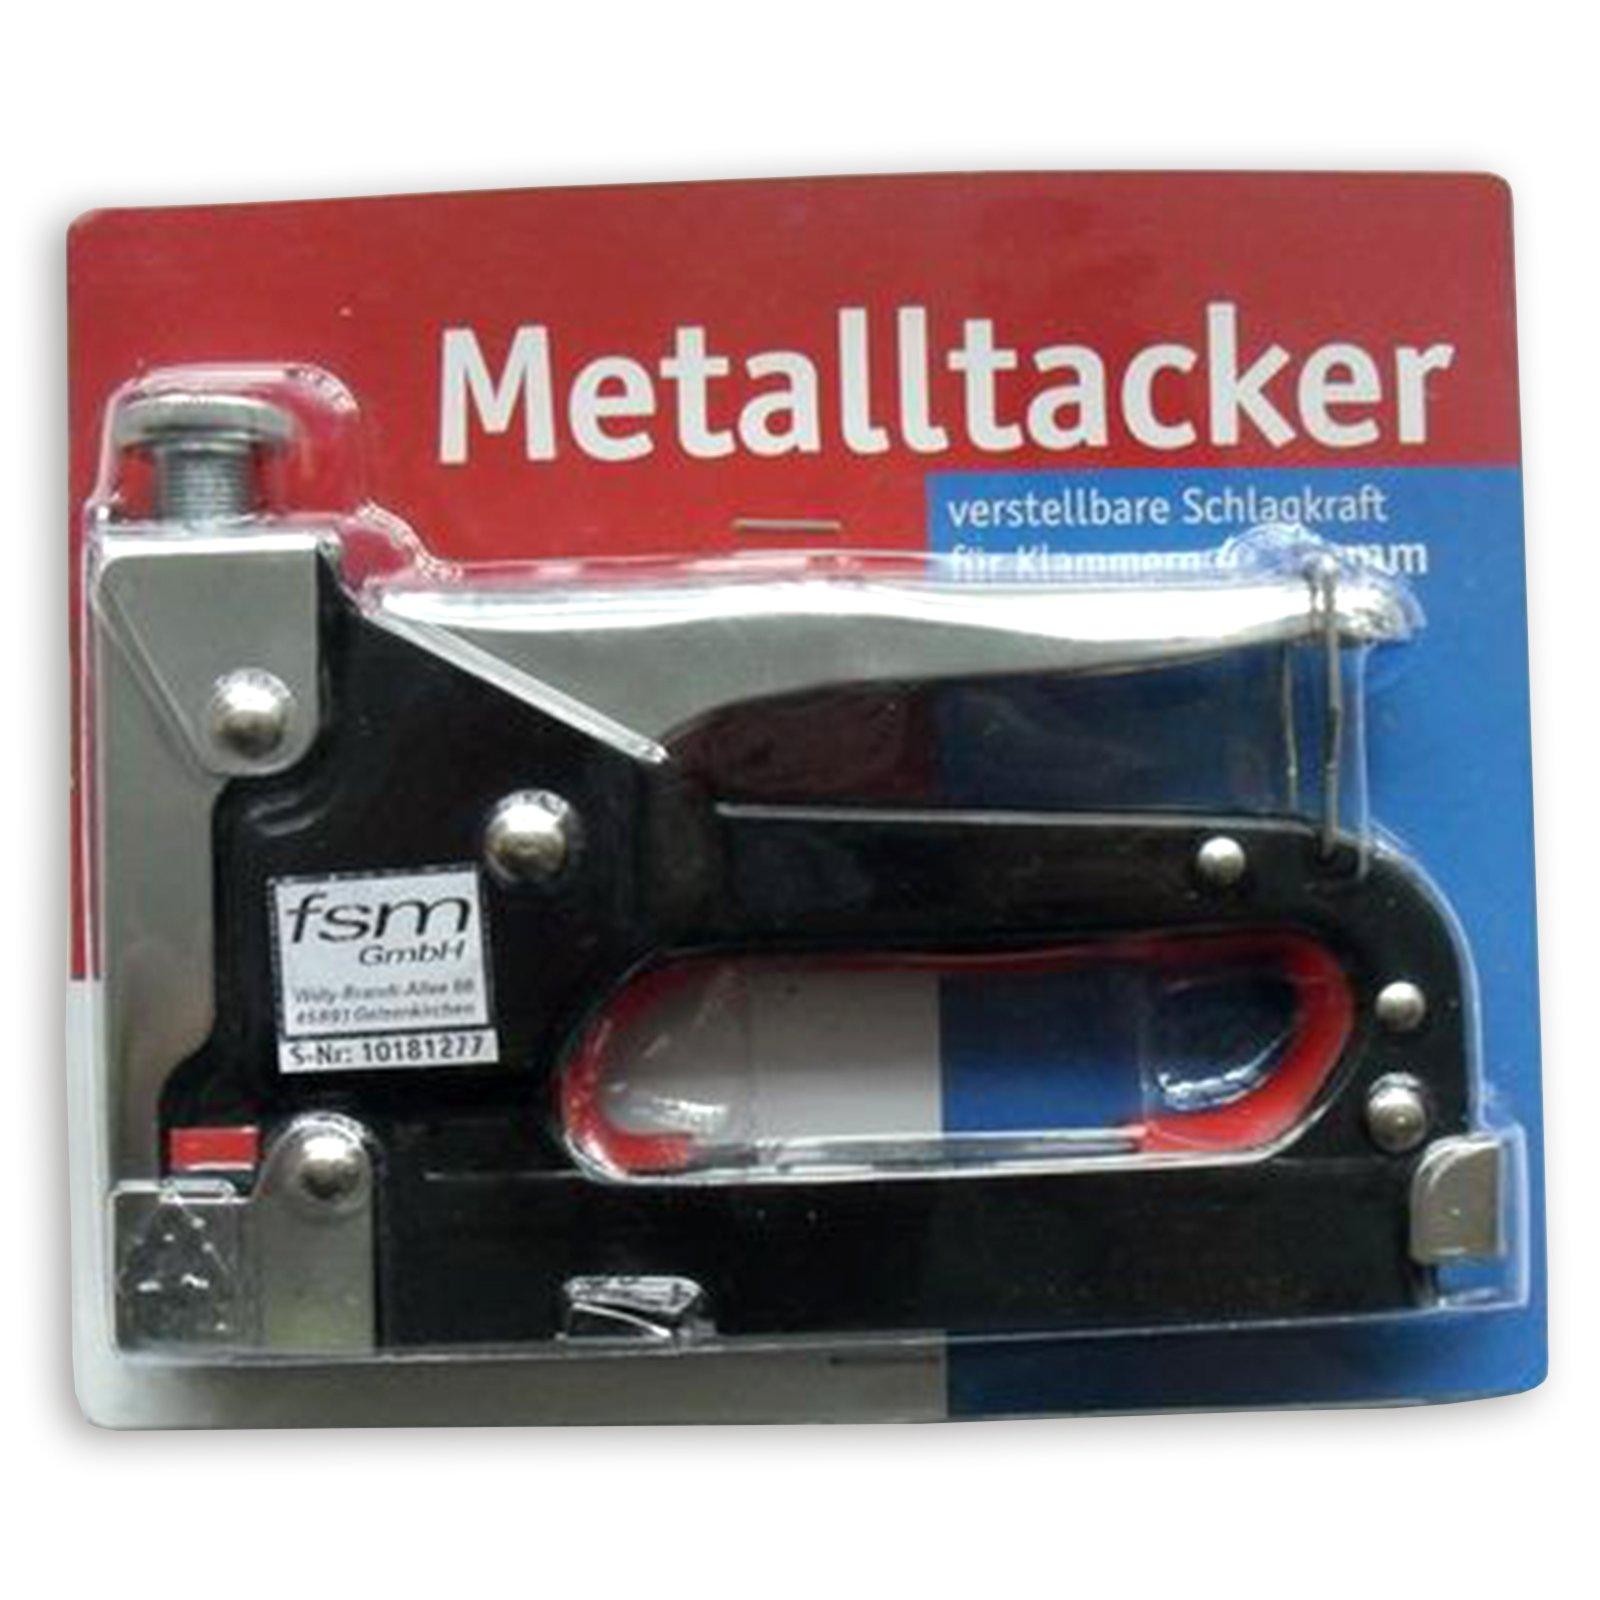 Metalltacker - verstellbare Schlagkraft - 4-14 mm